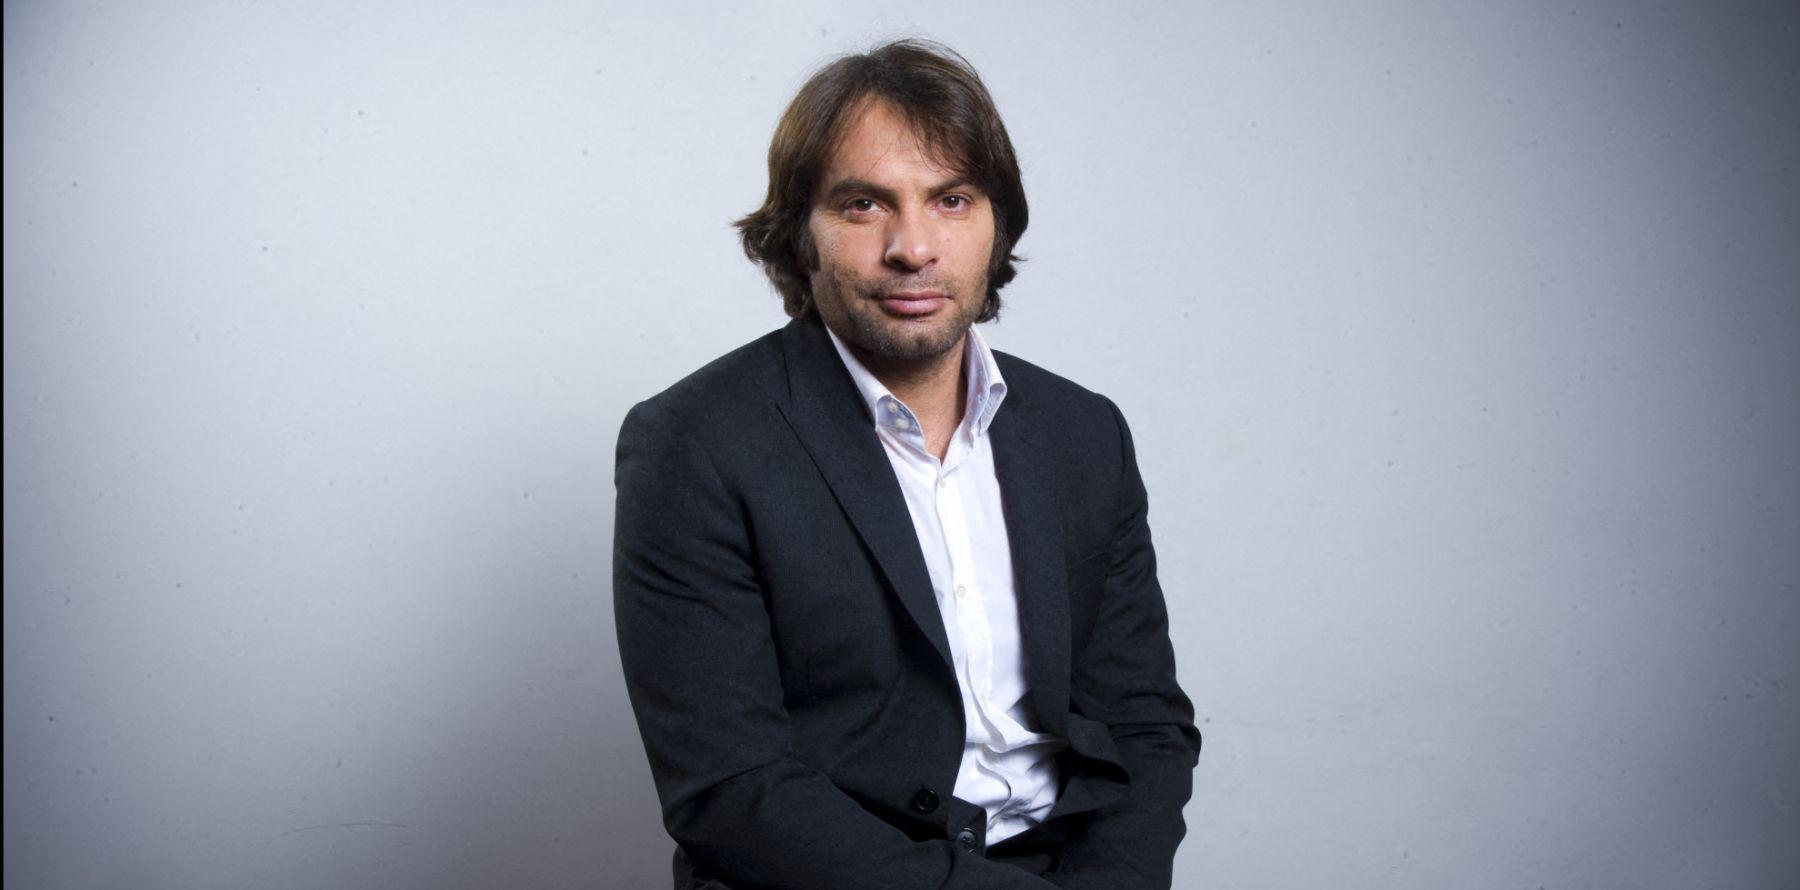 Christophe DOMINICI star du rugby français raconte comment